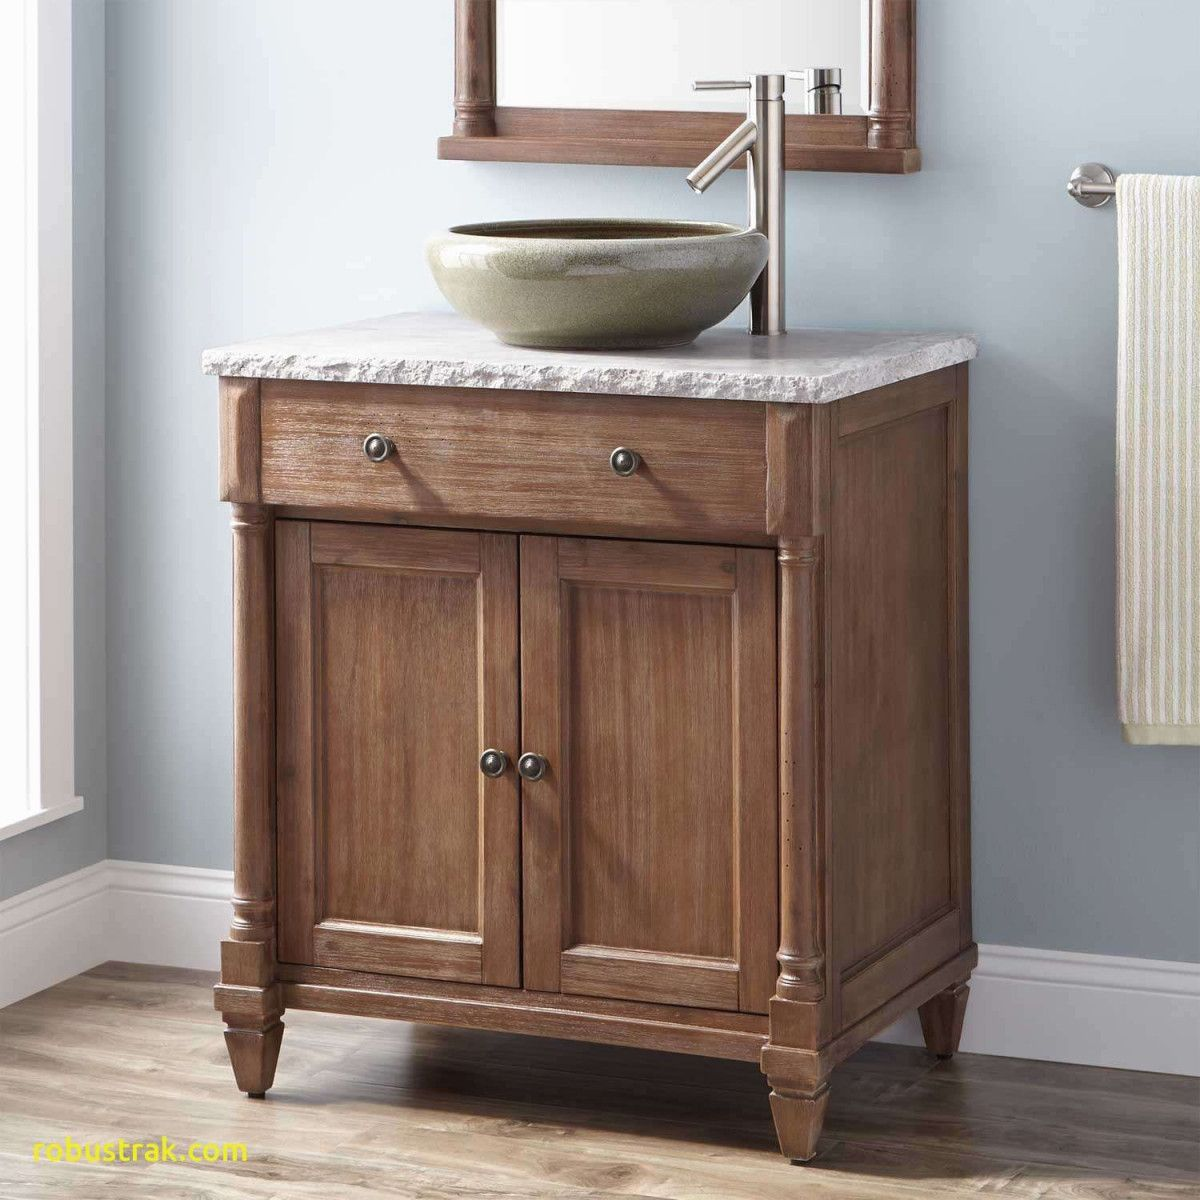 Bathroom Vanities Without Tops Sinks Bathroom Vanities Without Tops Bathroom Vanity Bathroom Decor